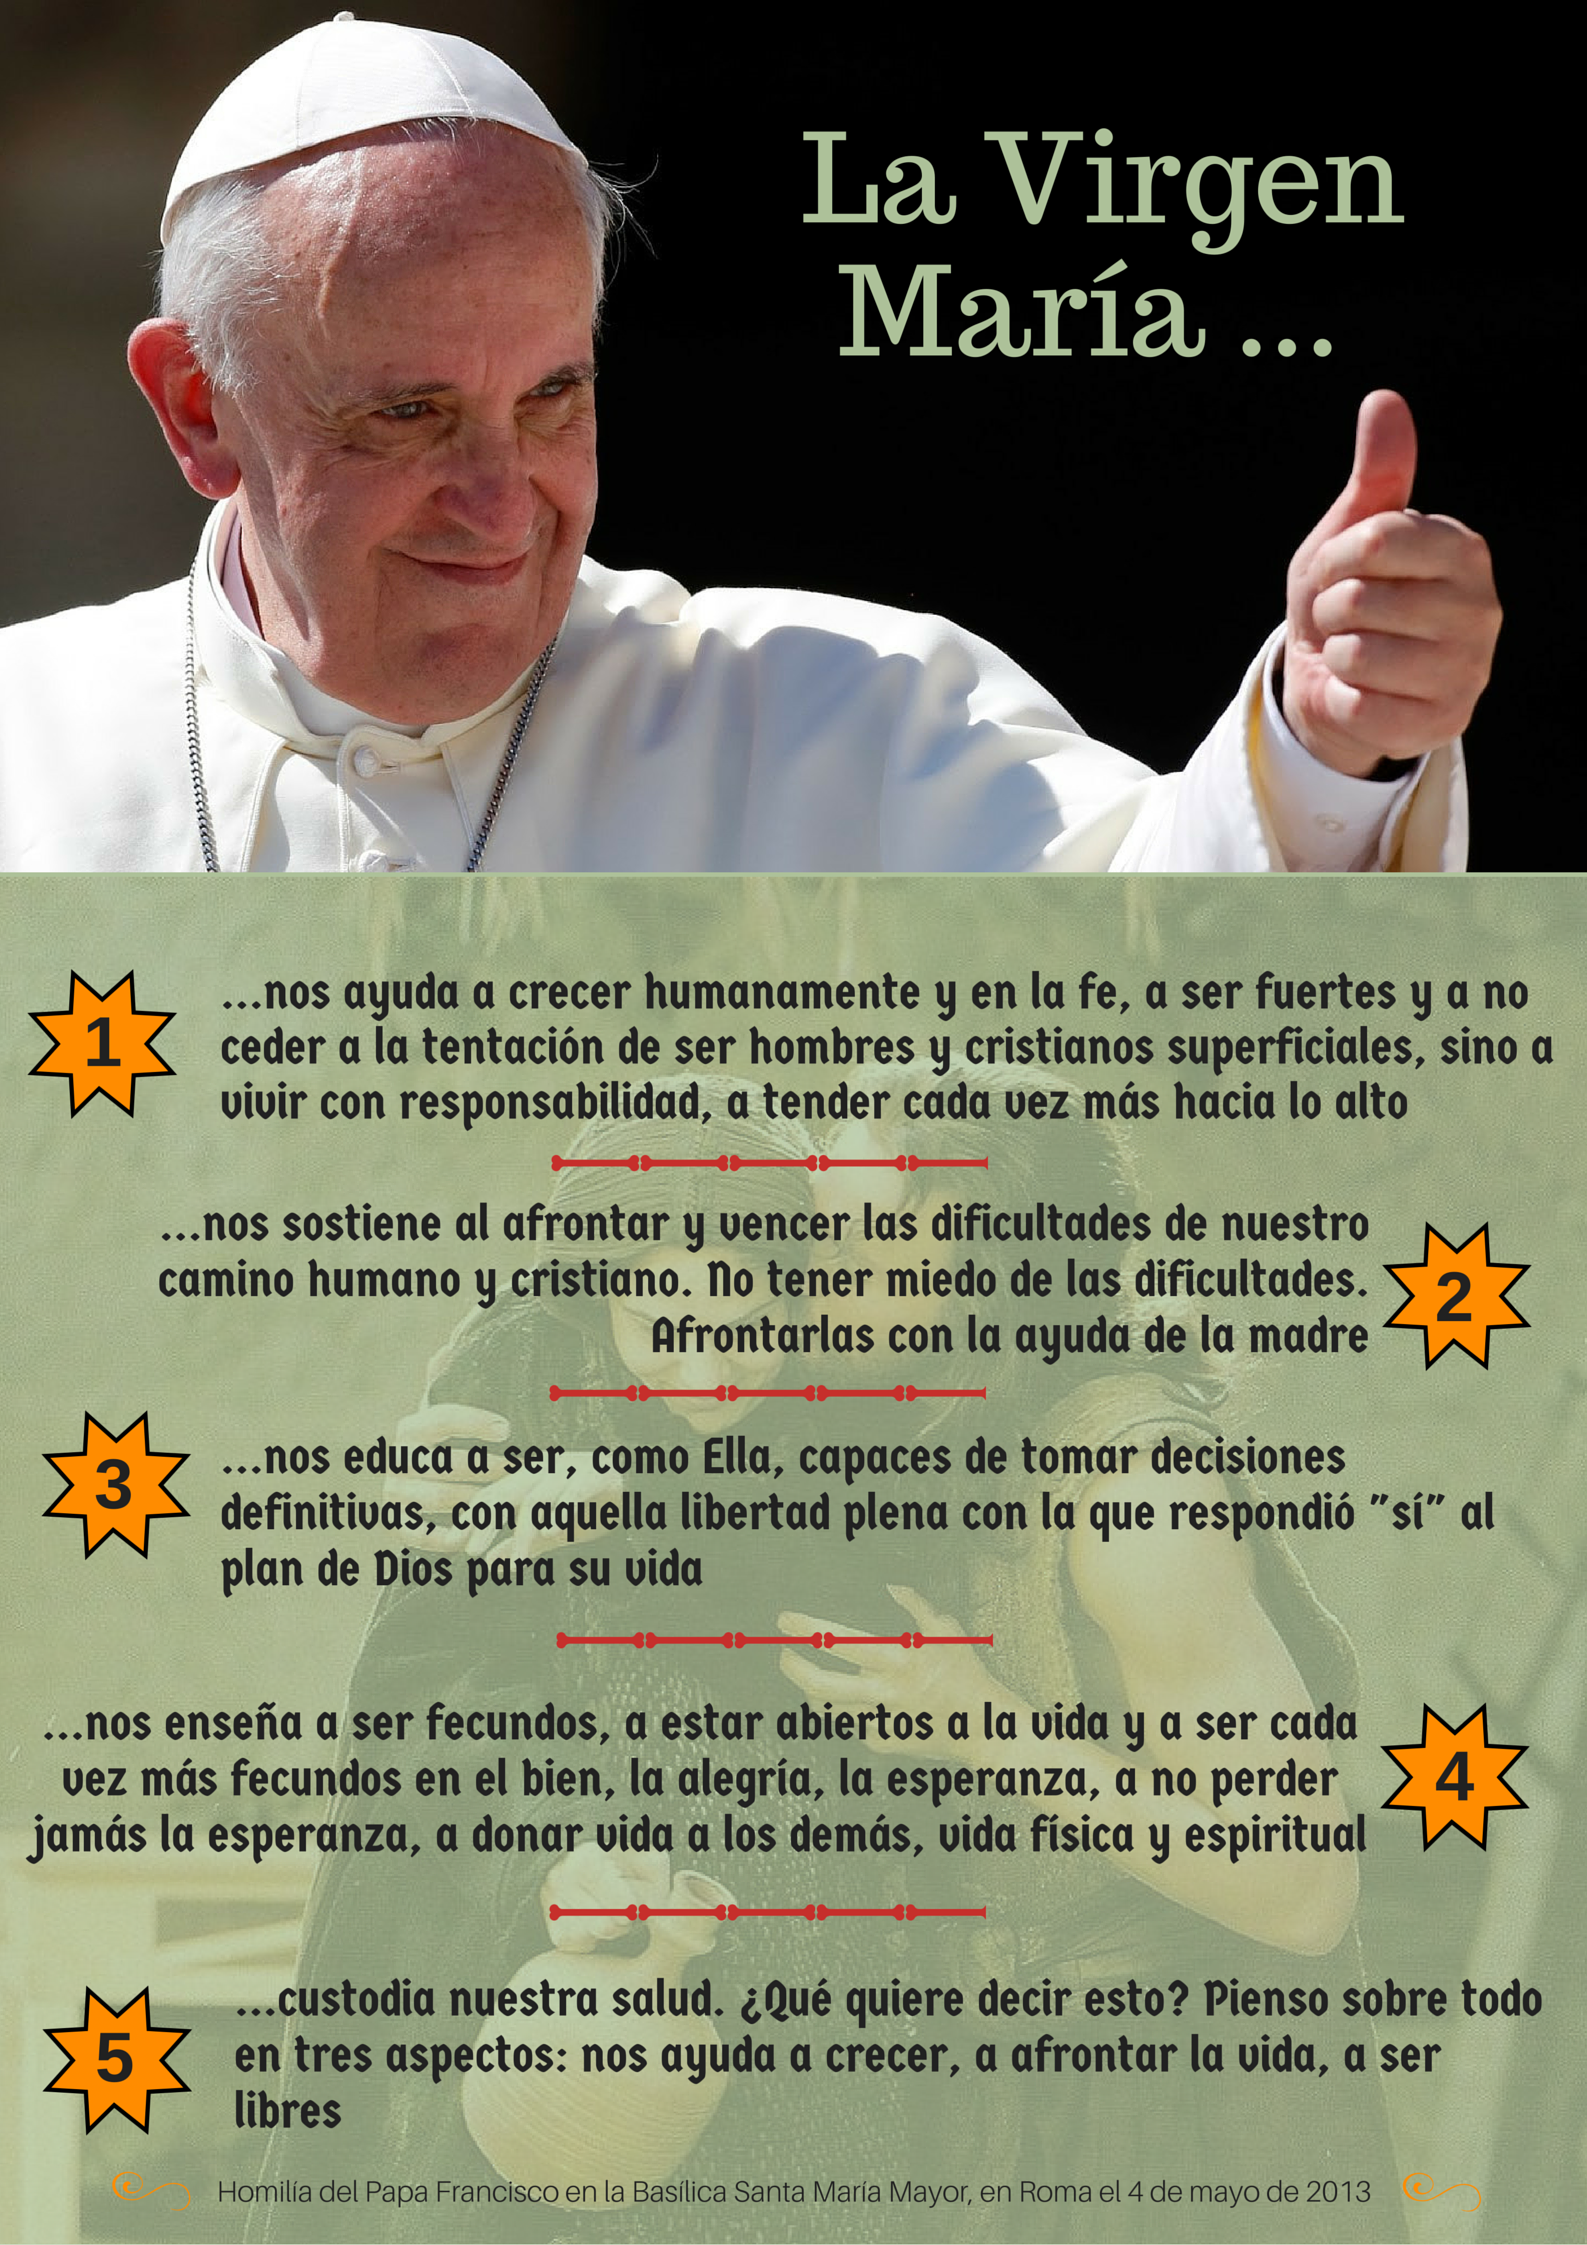 El Papa Francisco Sobre La Virgen María Papa Francisco Frases Palabras De Sabiduria Virgen María Frases